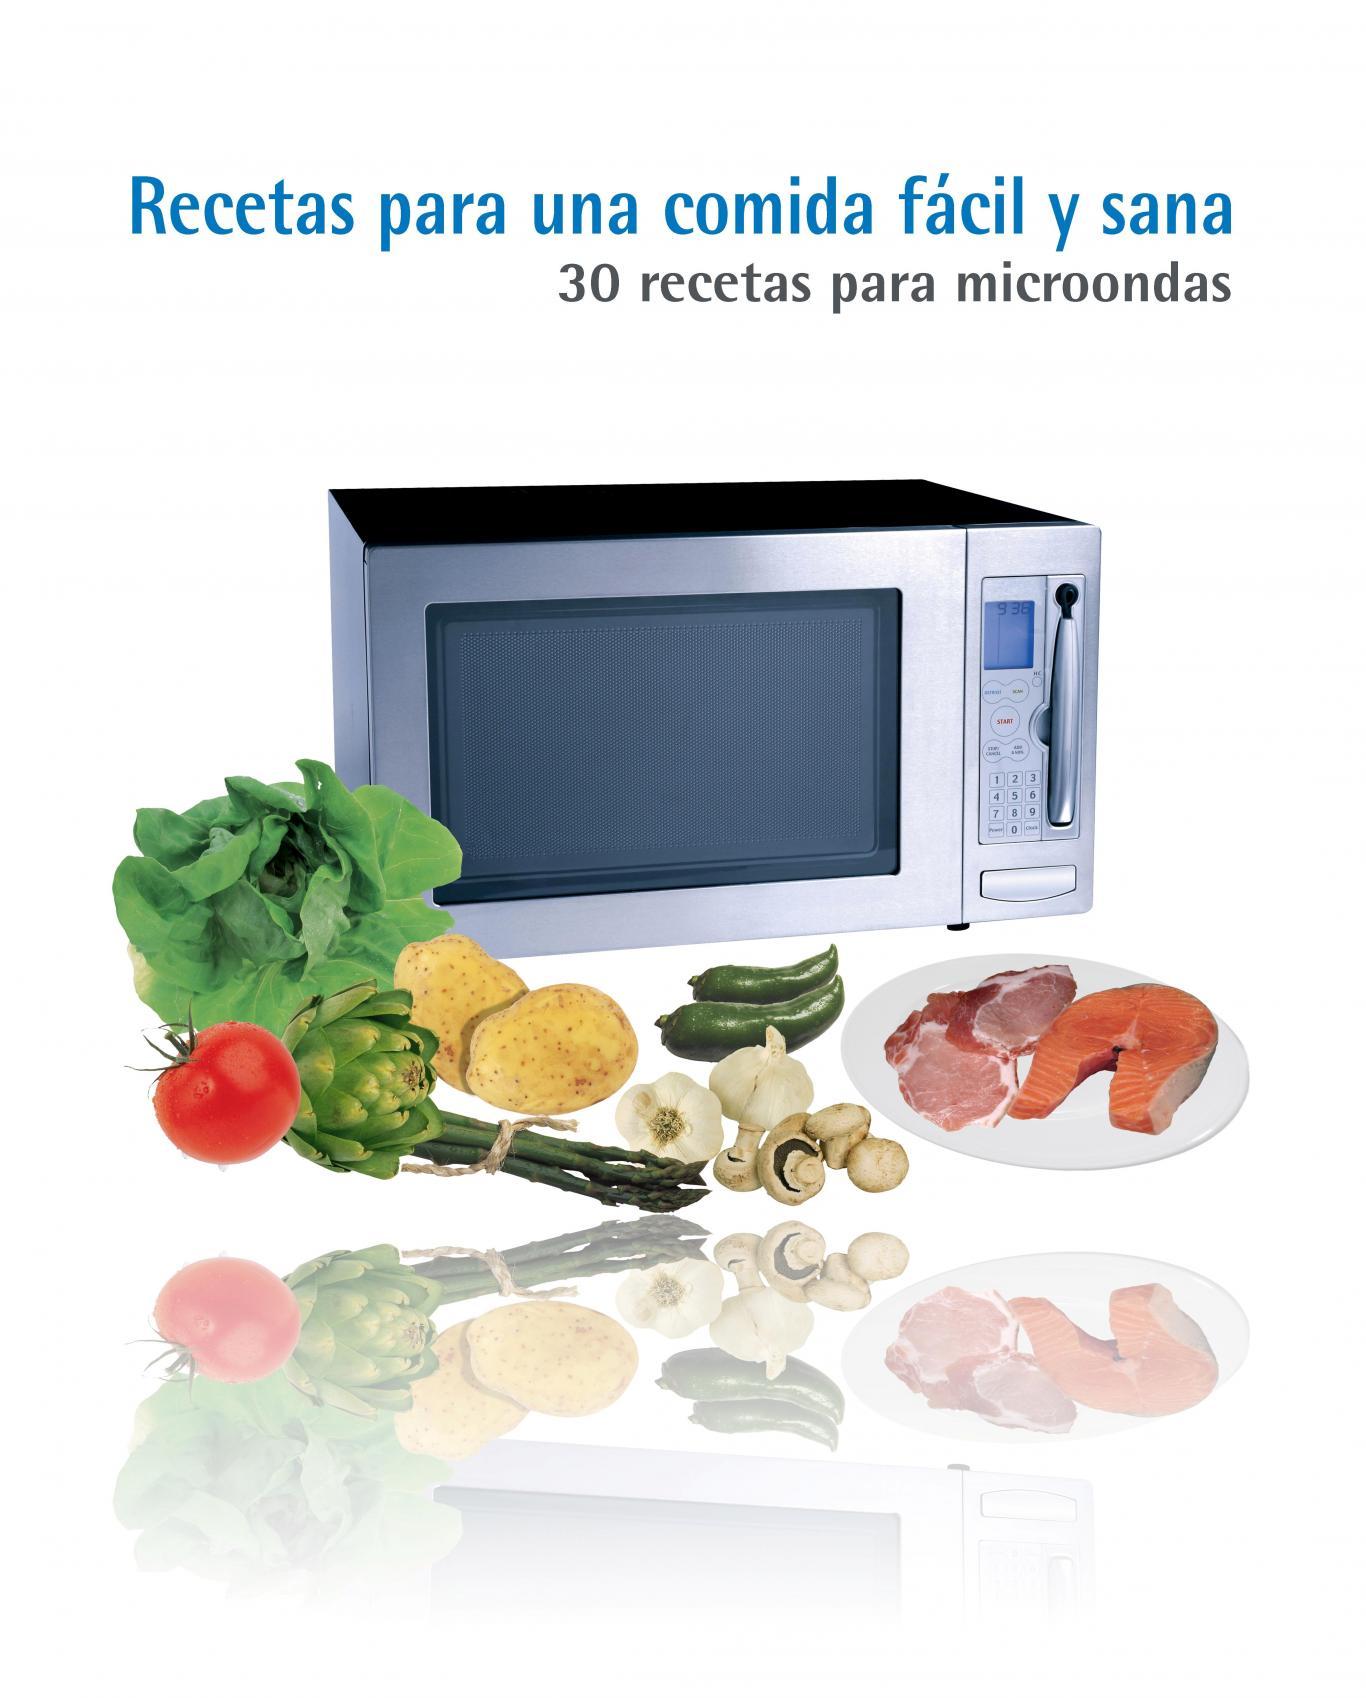 Recetas para una comida fácil y sana